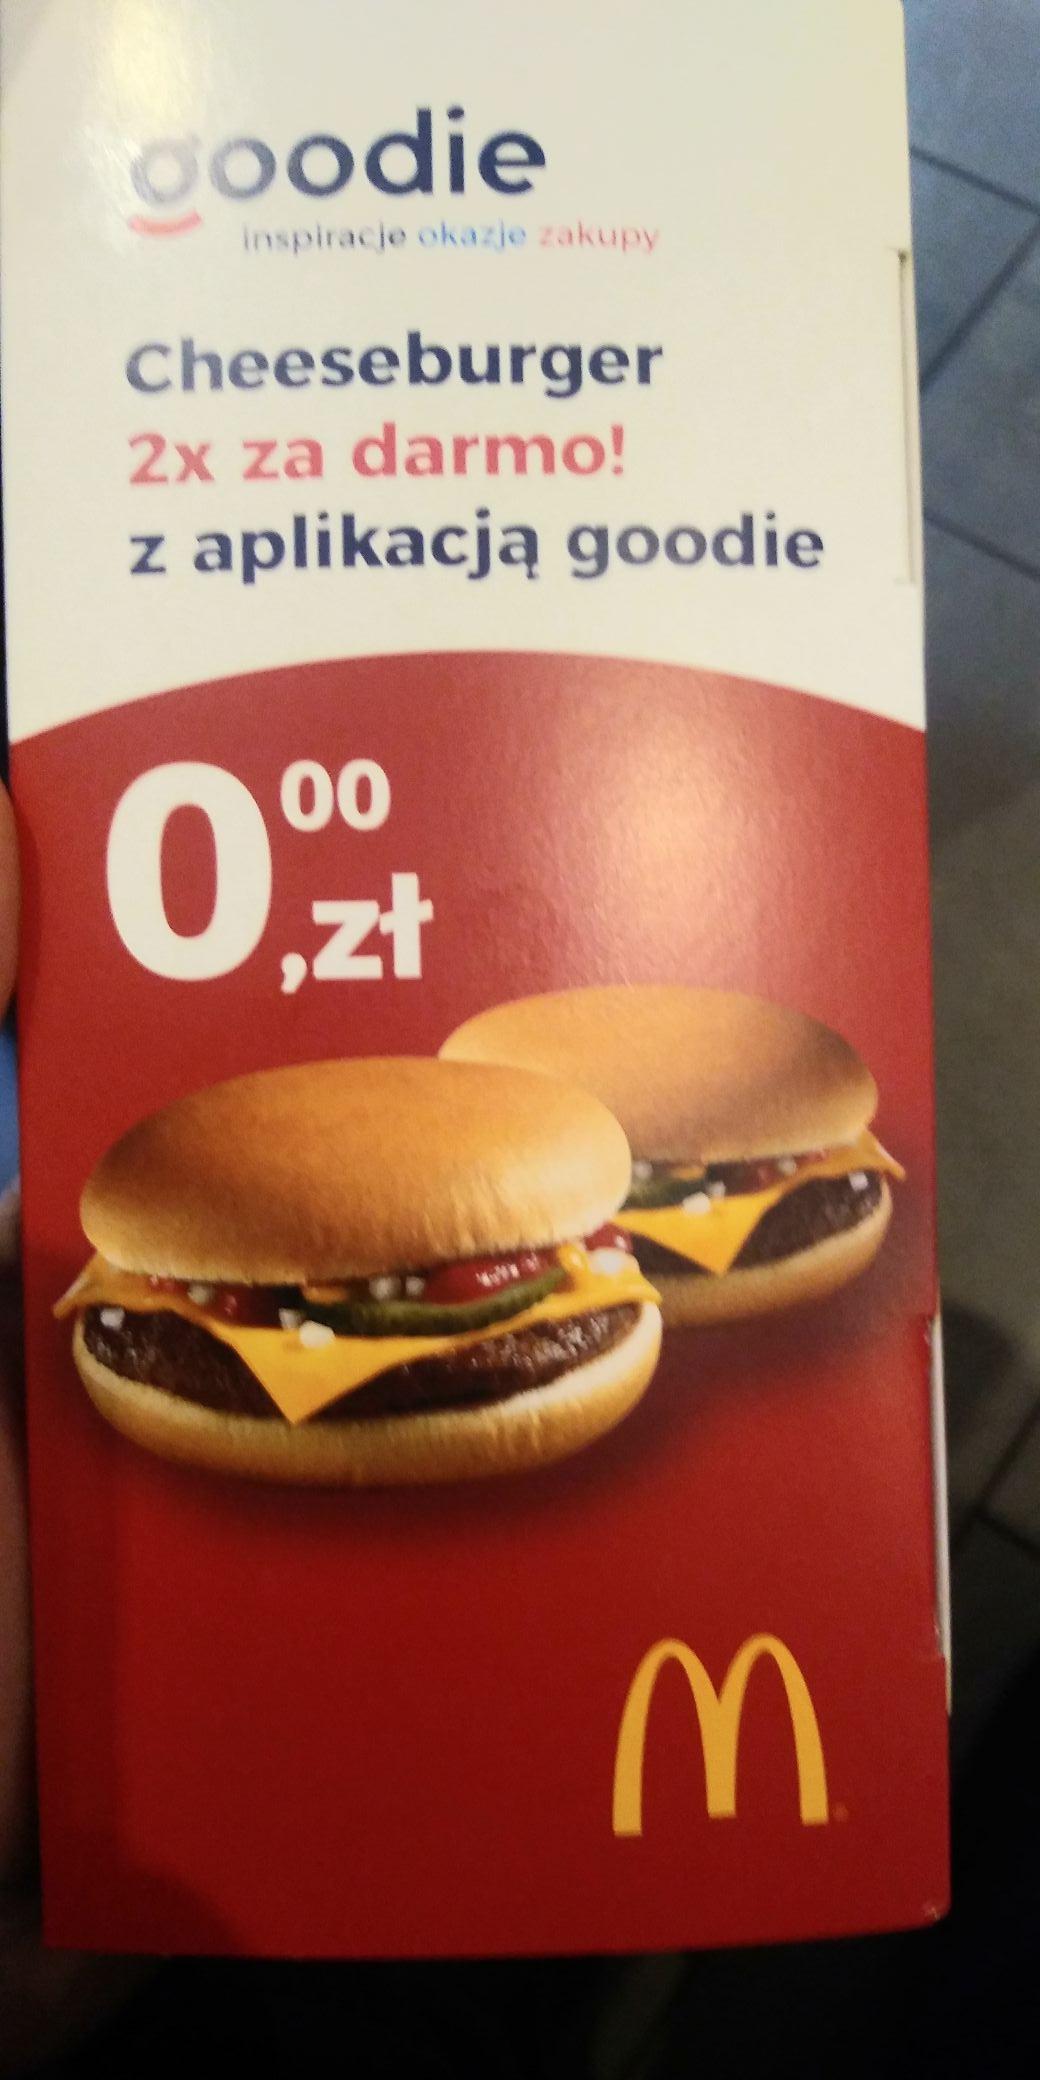 Darmowe dwa cheeseburgery z aplikacją goodie